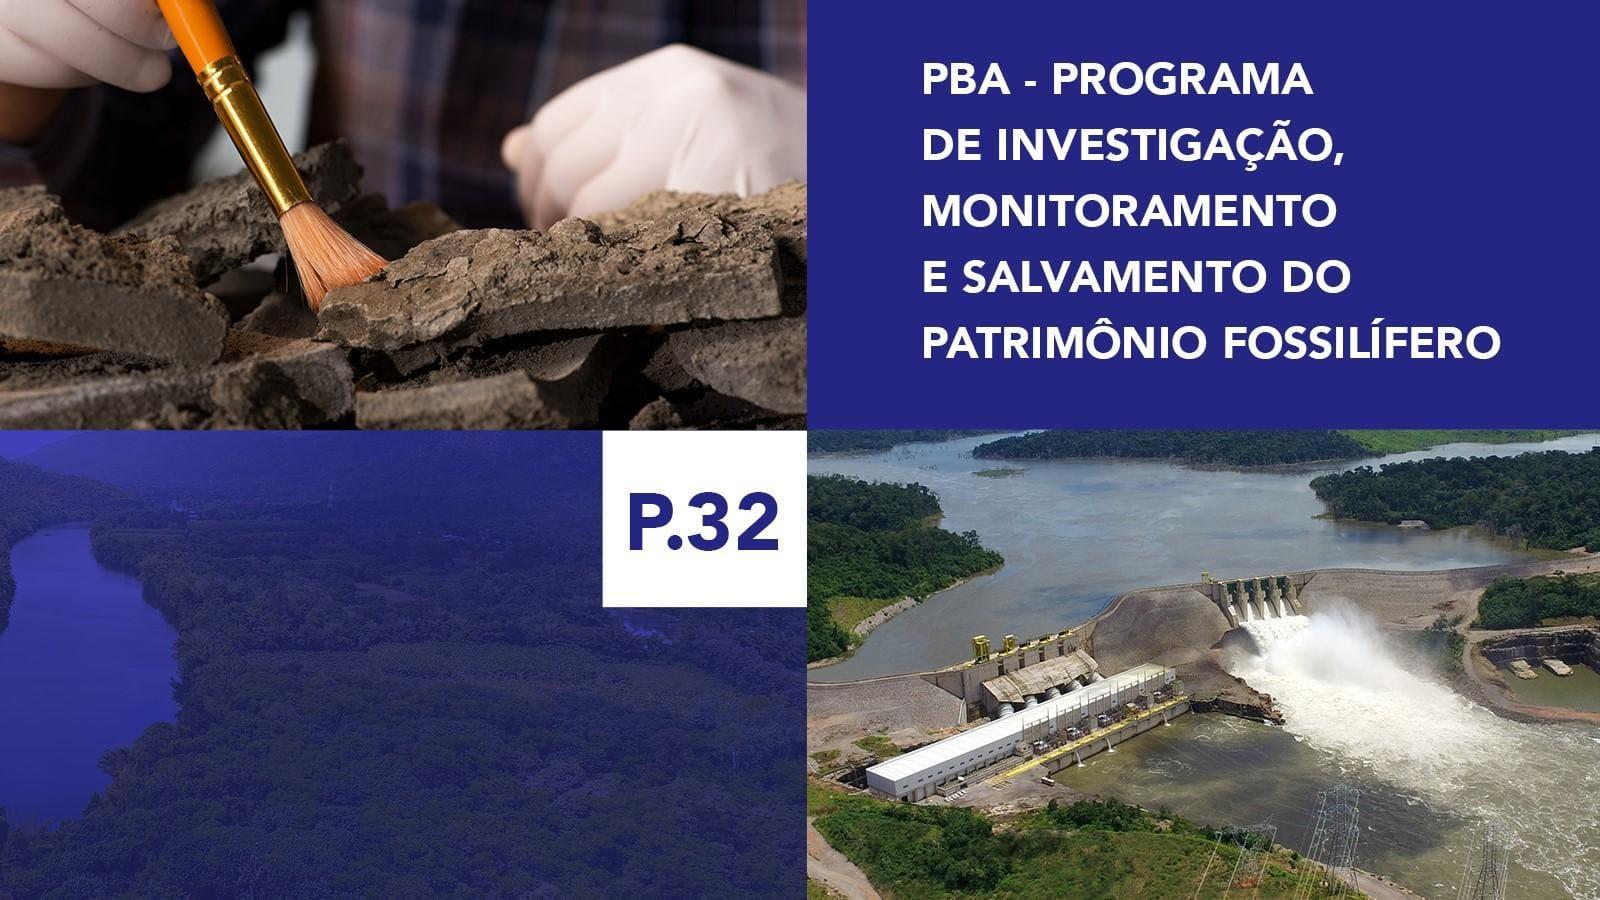 P.32 - Programa de Investigação, Monitoramento e Salvamento do Patrimônio Fossilífero